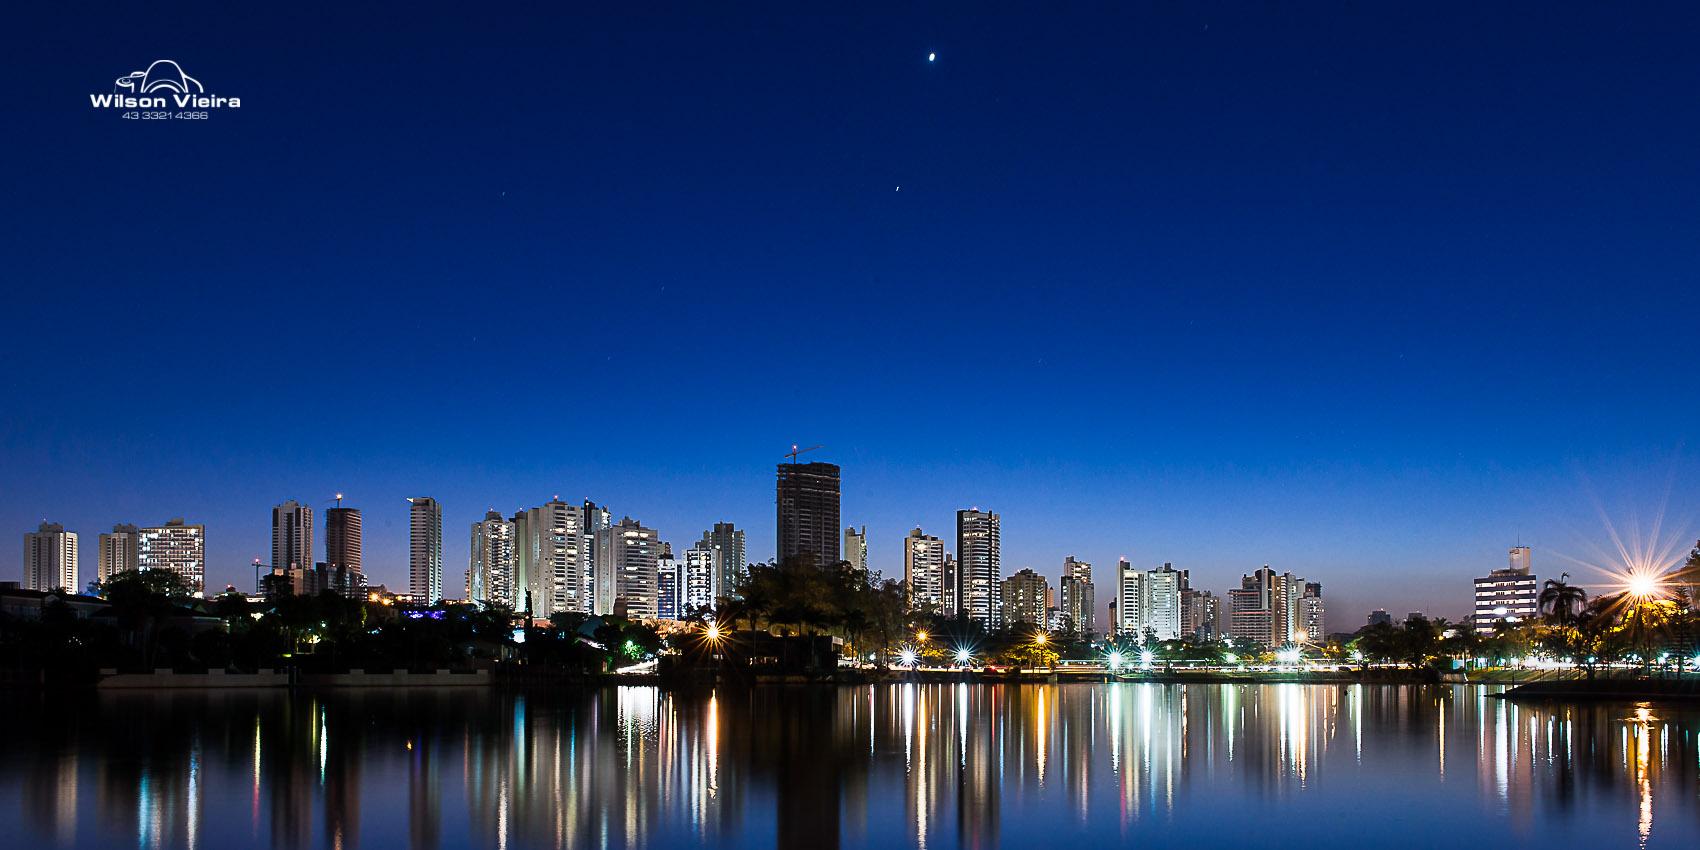 Londrina Parana